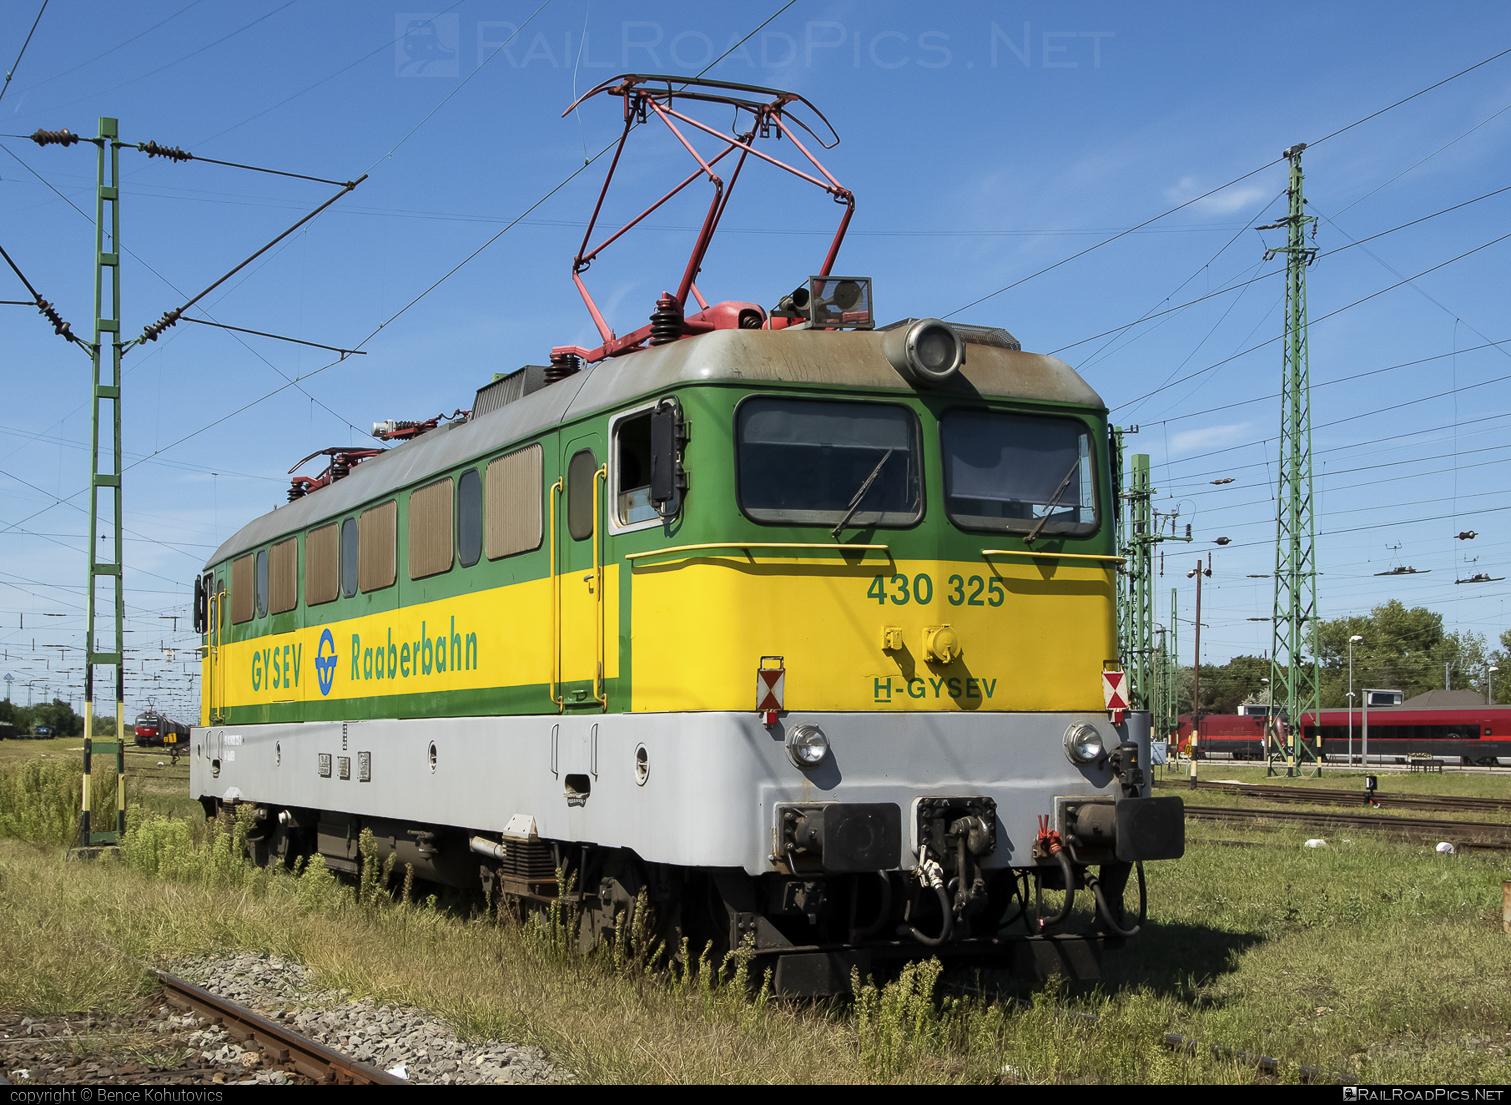 Ganz-MÁVAG VM14-23 - 430 325 operated by GYSEV - Györ-Sopron-Ebenfurti Vasut Részvénytarsasag #ganz43 #ganz431 #ganzmavag #ganzmavag43 #ganzmavag431 #ganzmavagvm1423 #gyorsopronebenfurtivasutreszvenytarsasag #gysev #raaberbahn #v43locomotive